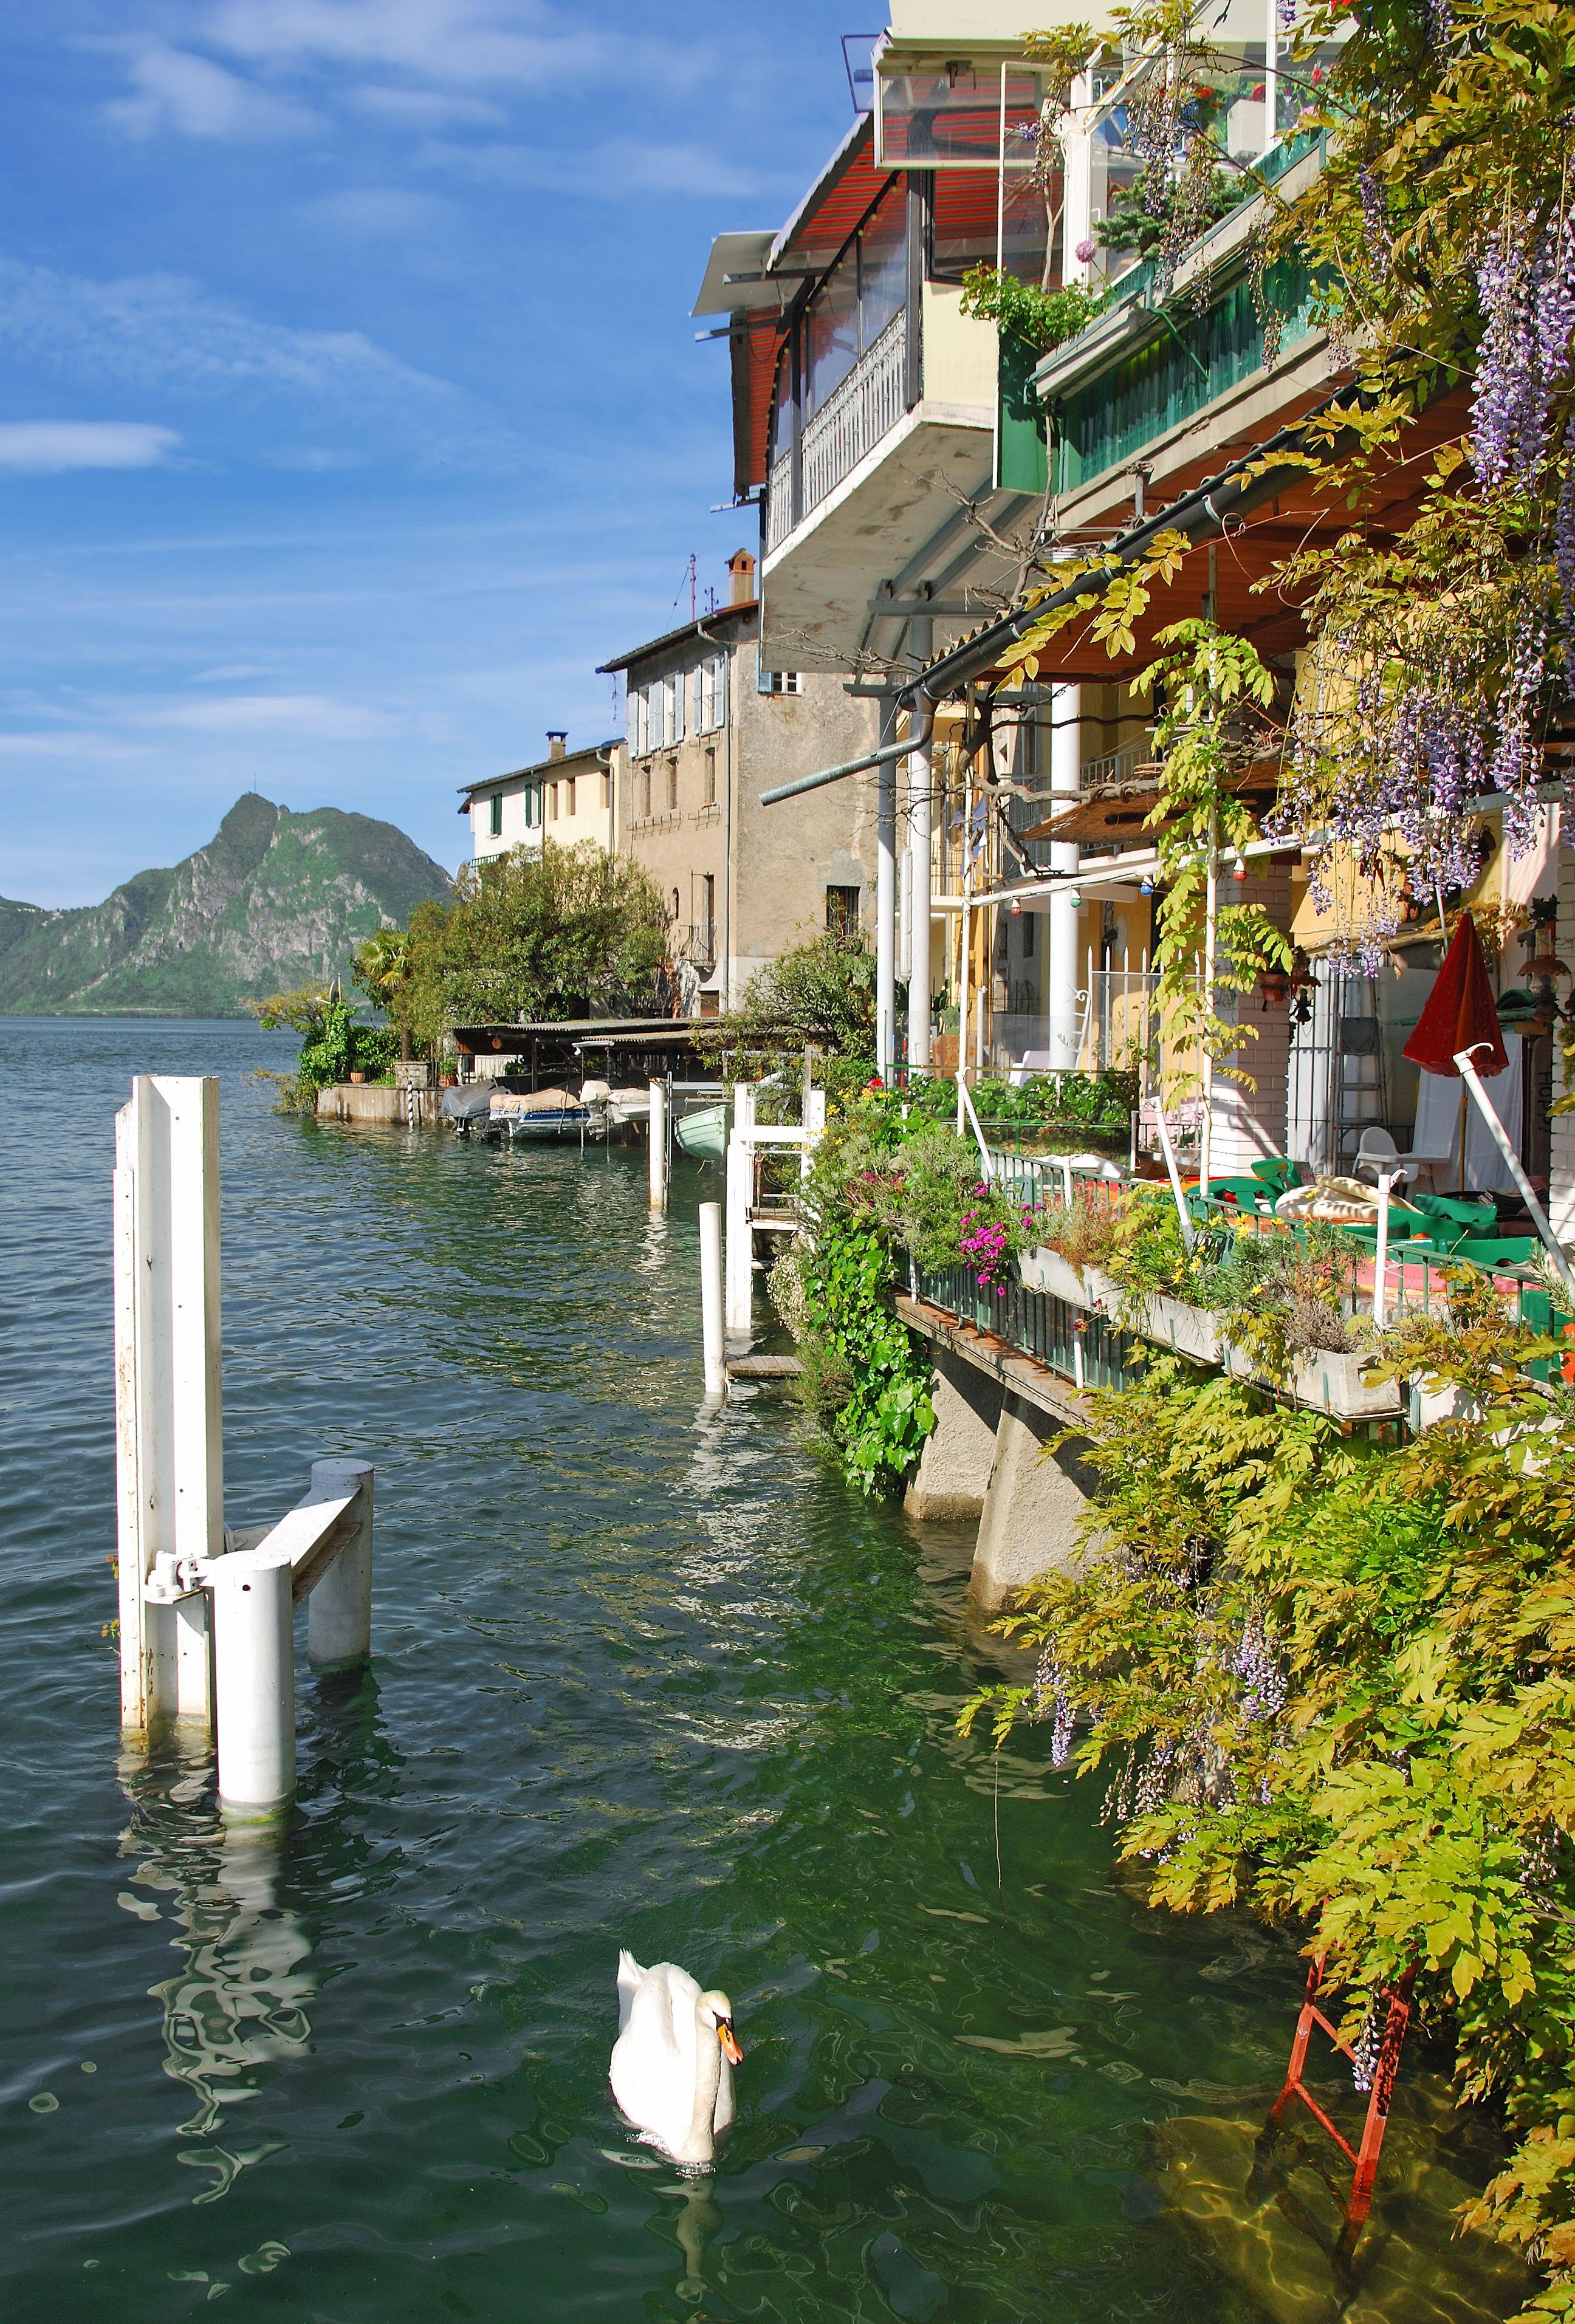 Gandria, Ticino, Switzerland